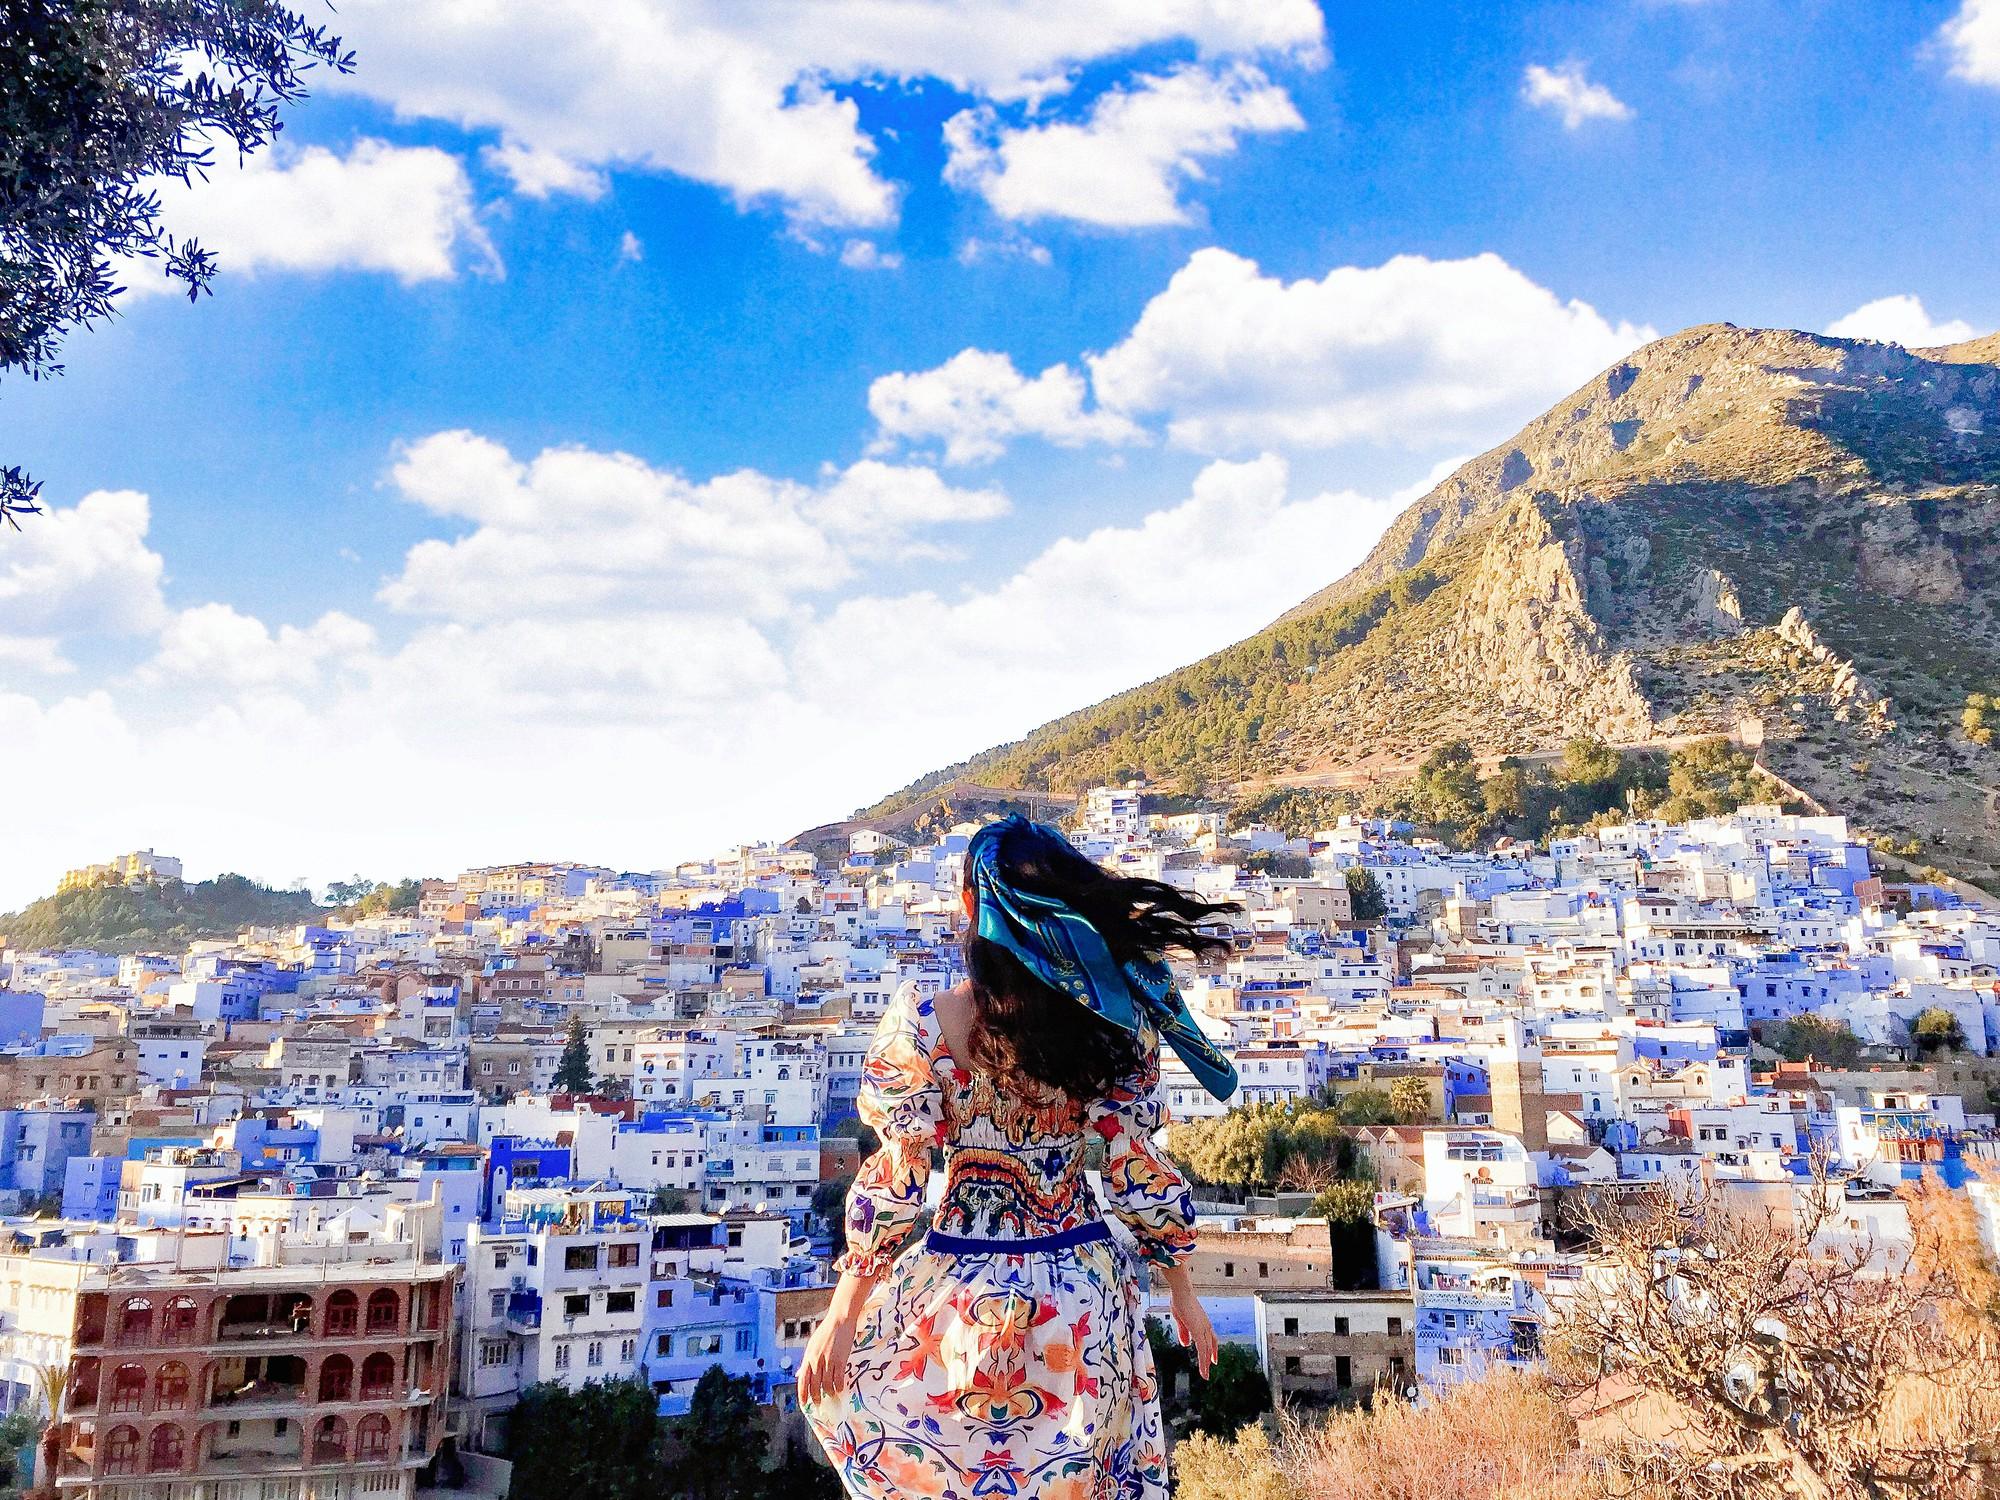 Để Mị nói cho mà nghe: Đi du lịch Morocco bây giờ đang là mốt đấy, không tin thì đọc thử bài review chi tiết này đi! - Ảnh 1.